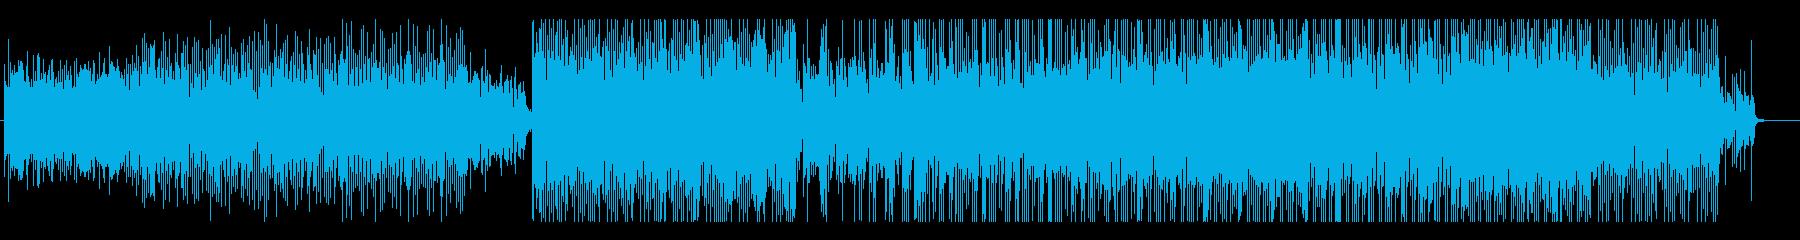 【エレクトロポップ】元気が出るCM・動画の再生済みの波形